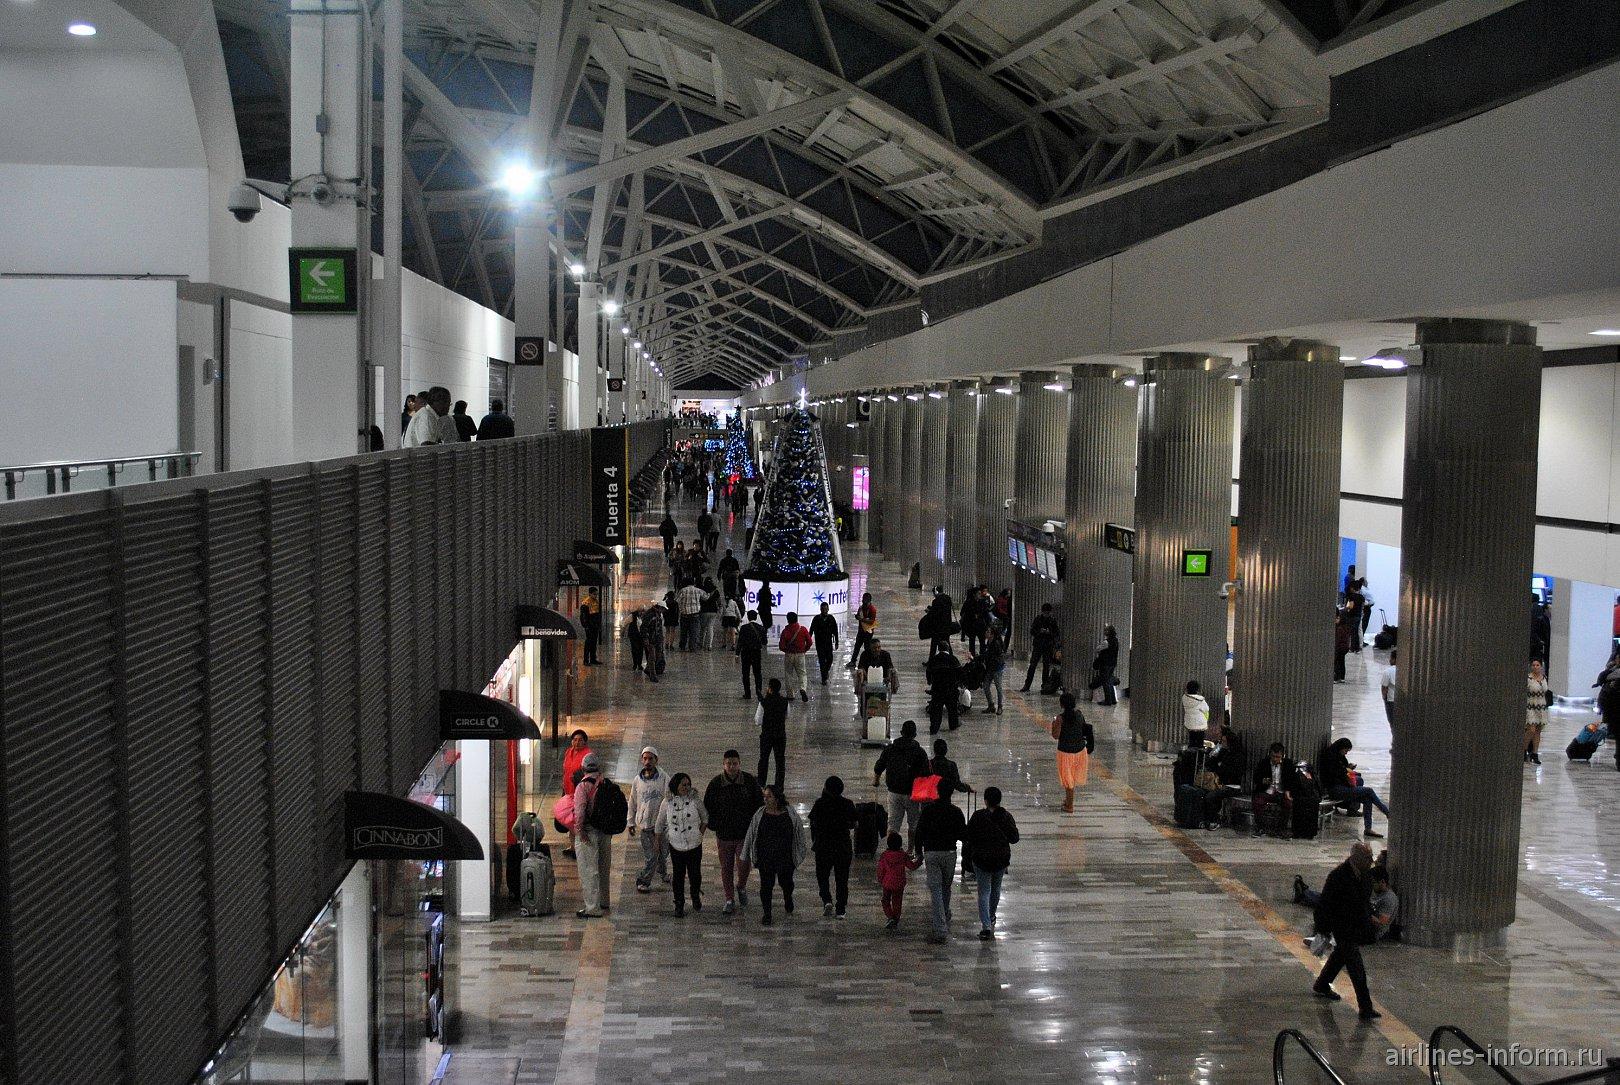 Зал C терминала Т1 аэропорта Мехико Бенито Хуарес